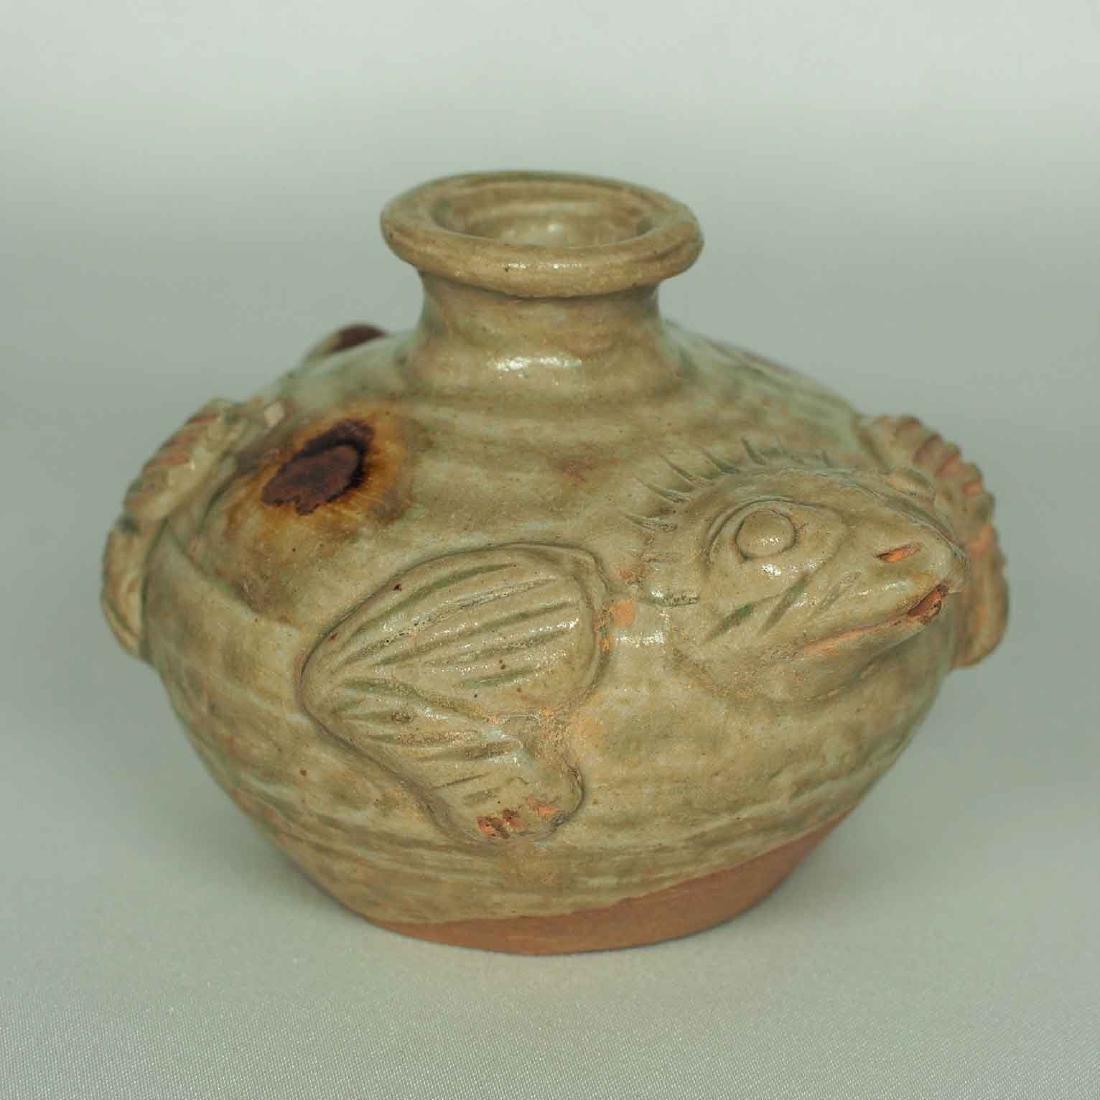 Yue Turtle-form Water Pot, Eastern Jin Dynasty